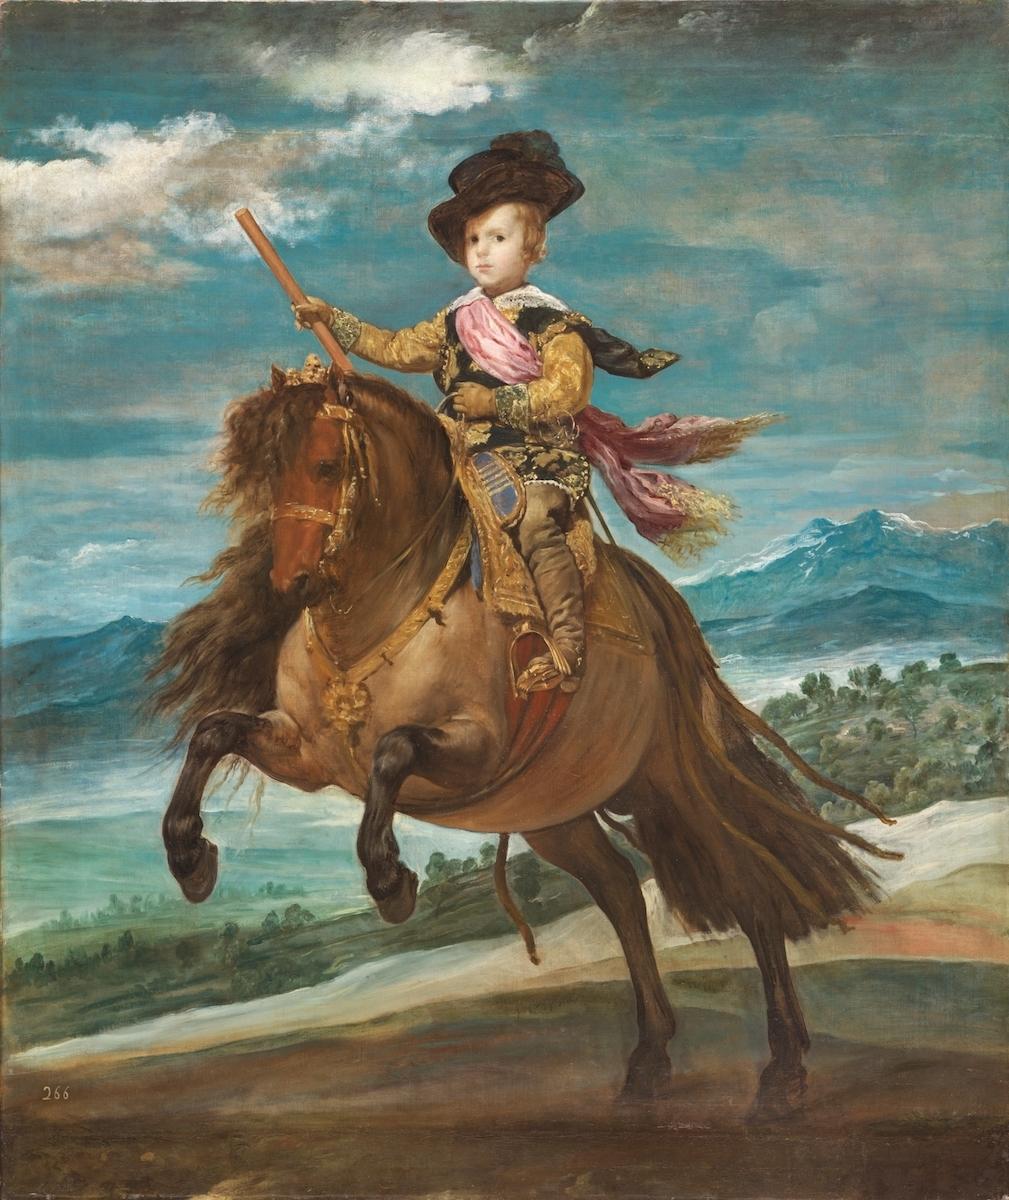 ディエゴ・ベラスケス《王太子バルタサール・カルロス騎馬像》1635年頃 マドリード、プラド美術館蔵 © Museo Nacional del Prado